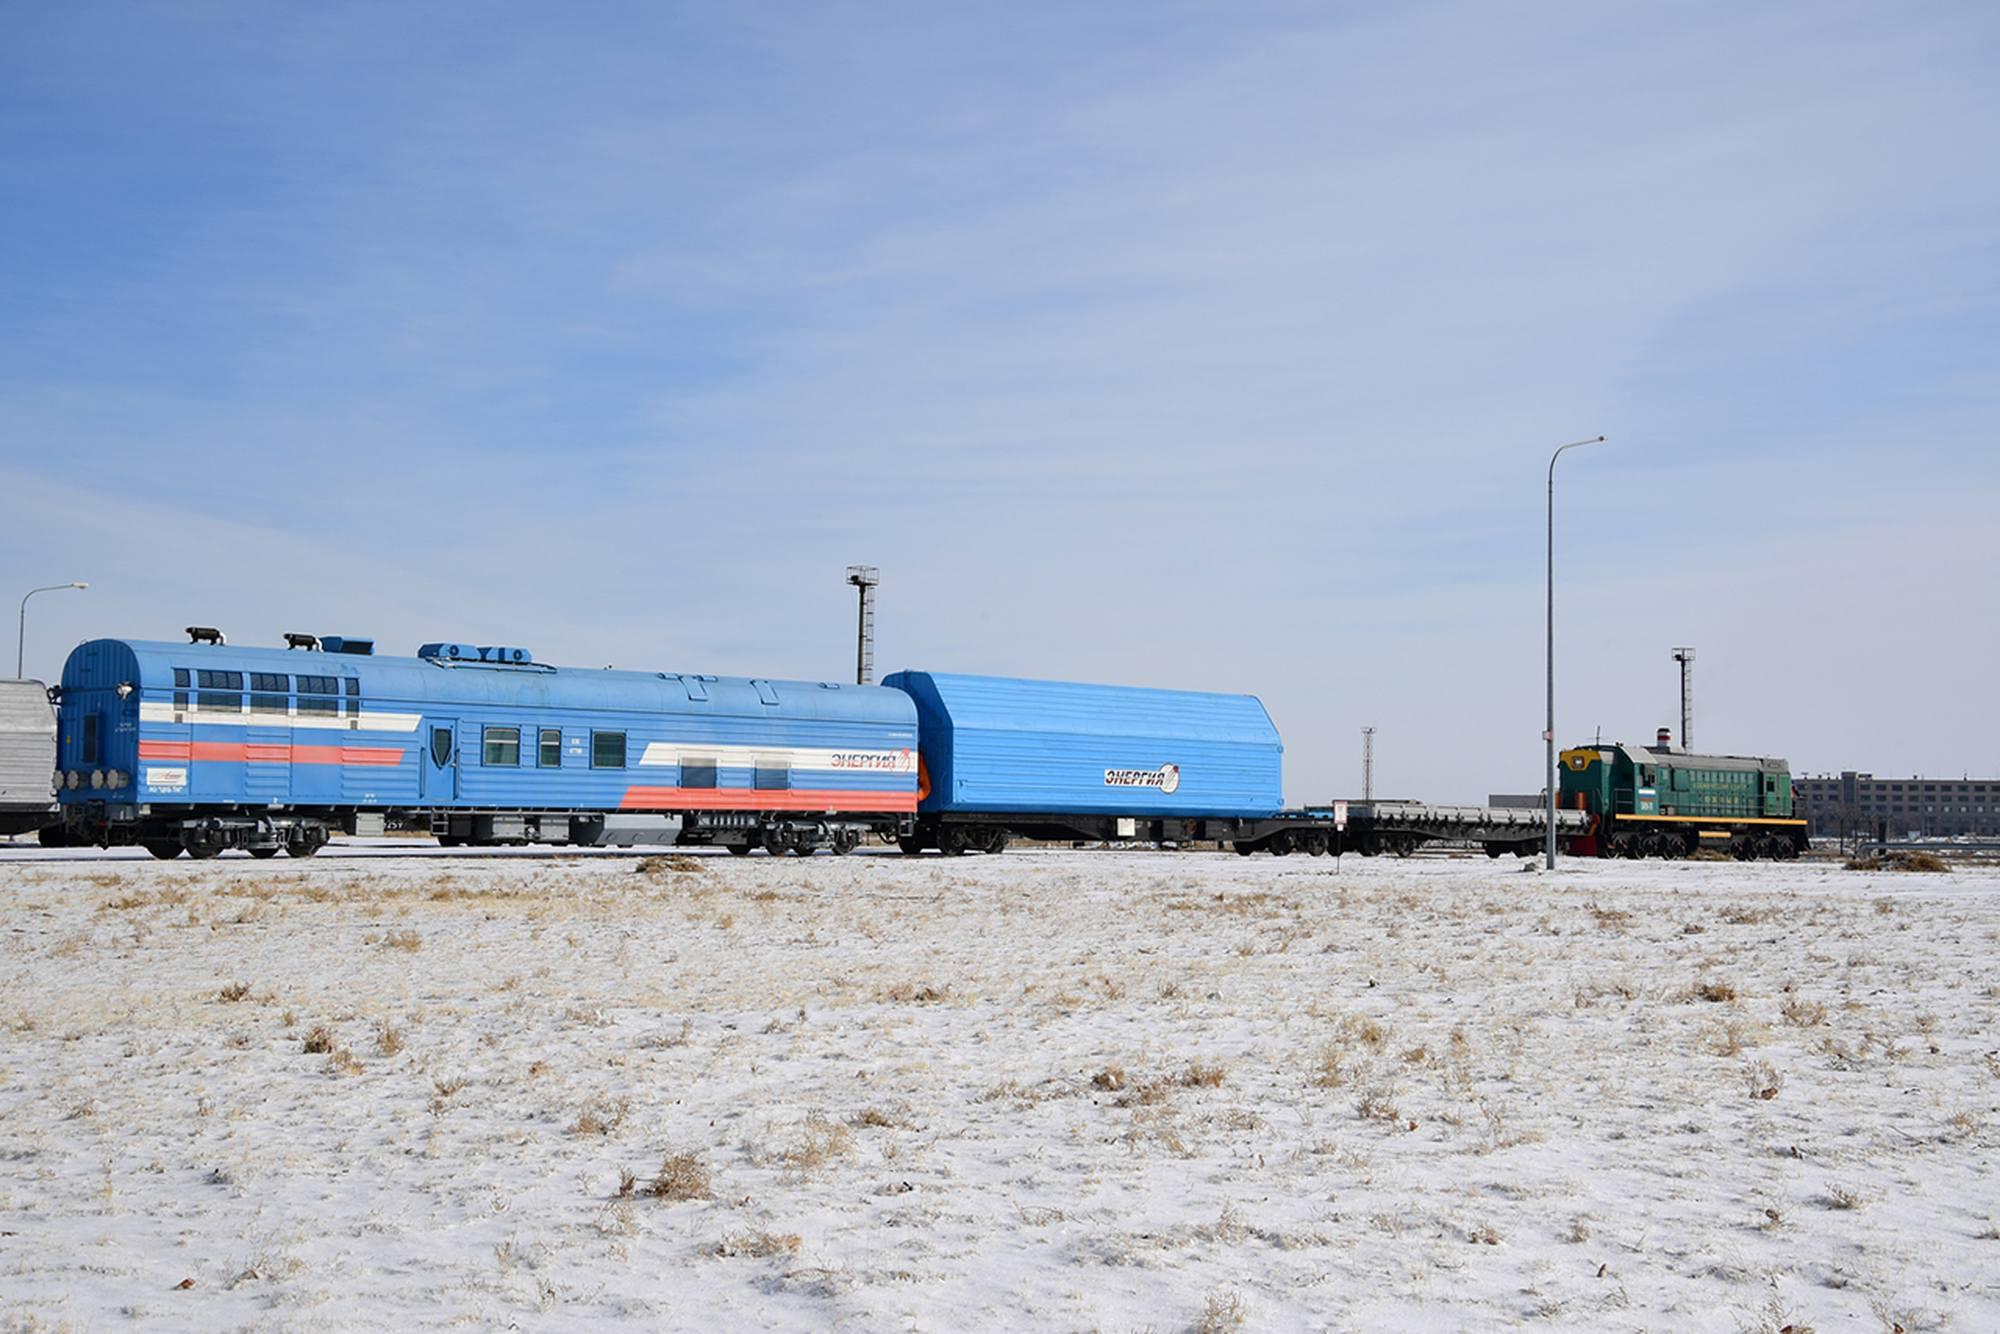 Le wagon contenant le composite supérieur est suivi par un wagon permettant la thermorégulation.